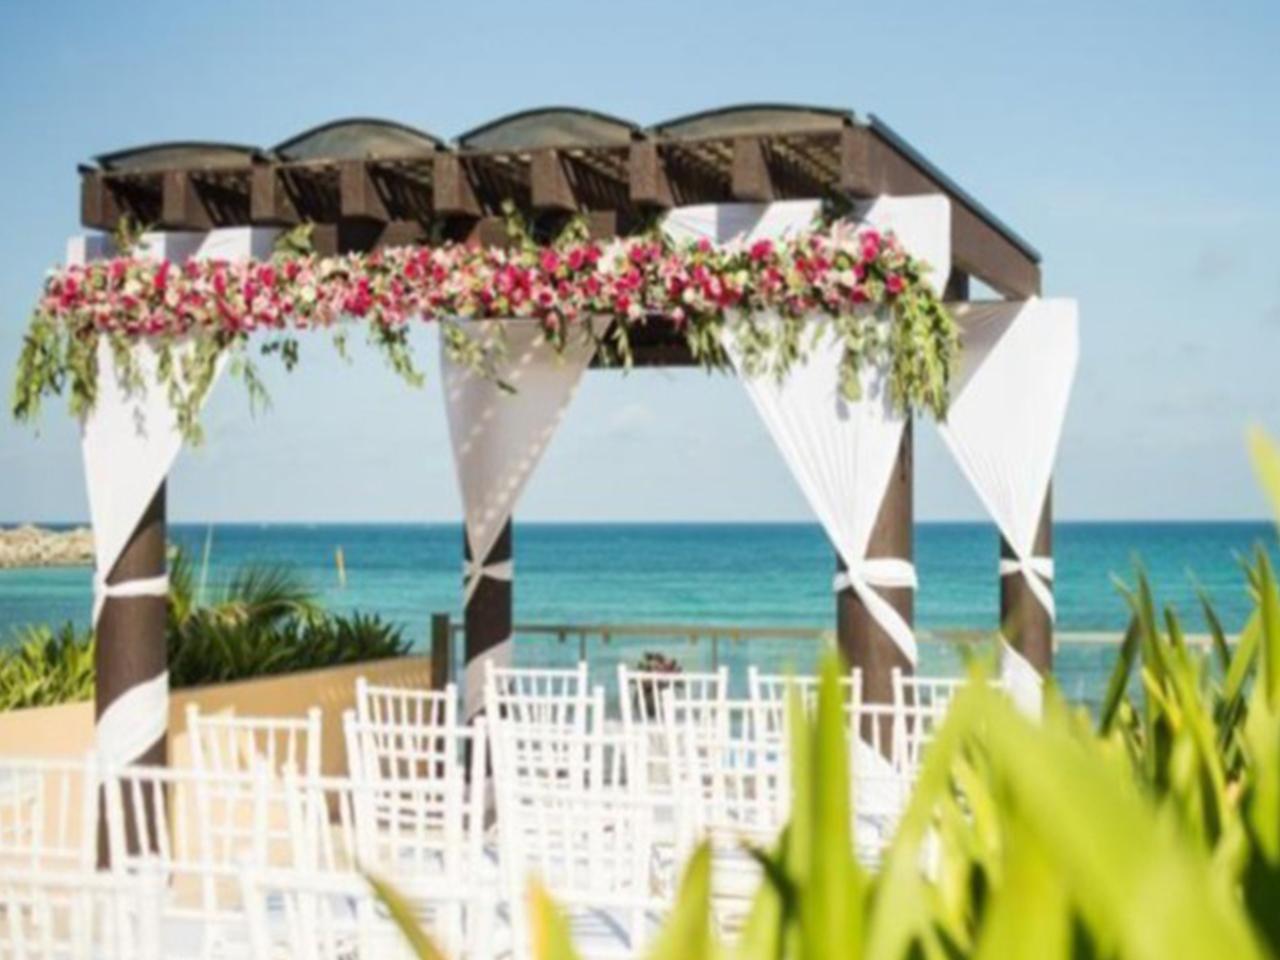 wedding Planner en Monterrey, Boda en la playa, Las mejores bodas en la playa en México -wedding Planner en Monterrey, Boda en la playa, Las mejores bodas en la playa en México -Paquete 1: Esmeralda